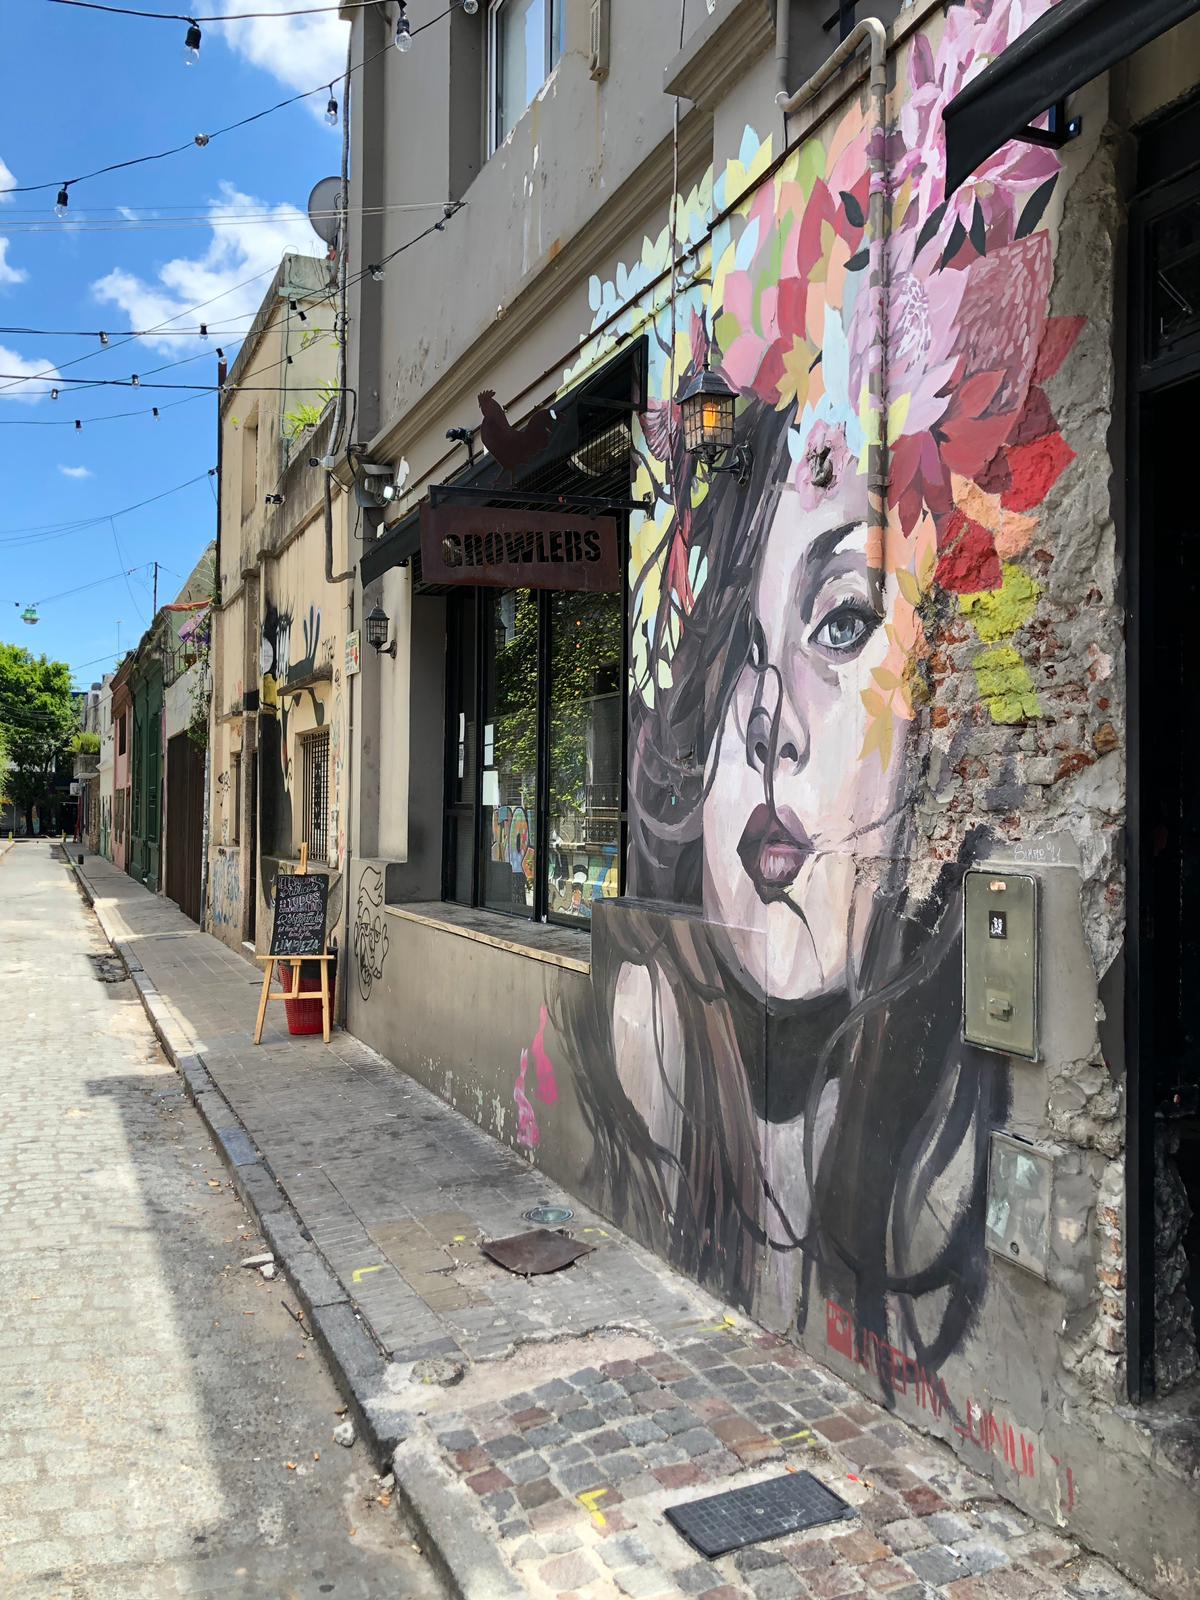 Andrea Steiner vom Mode und Reise Blog Strawberries 'n' Champagne zeigt auch die besten Plätze in Buenos Aires und das trendy Viertel Palermo.